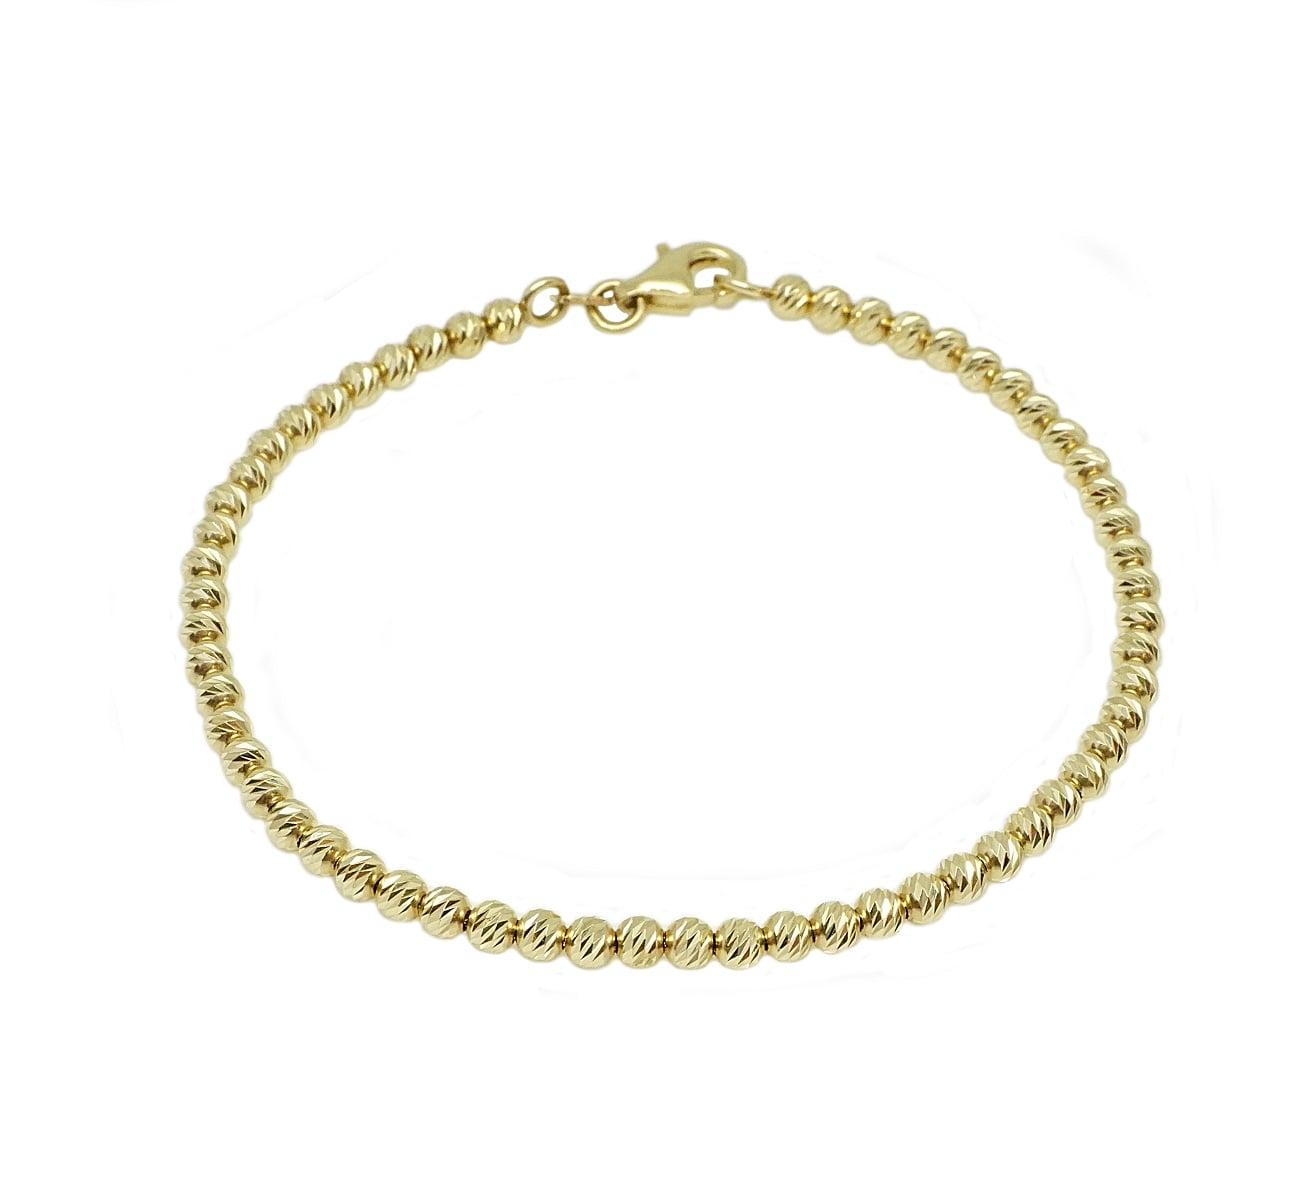 צמיד זהב כדורי לאישה או נערה בינוני